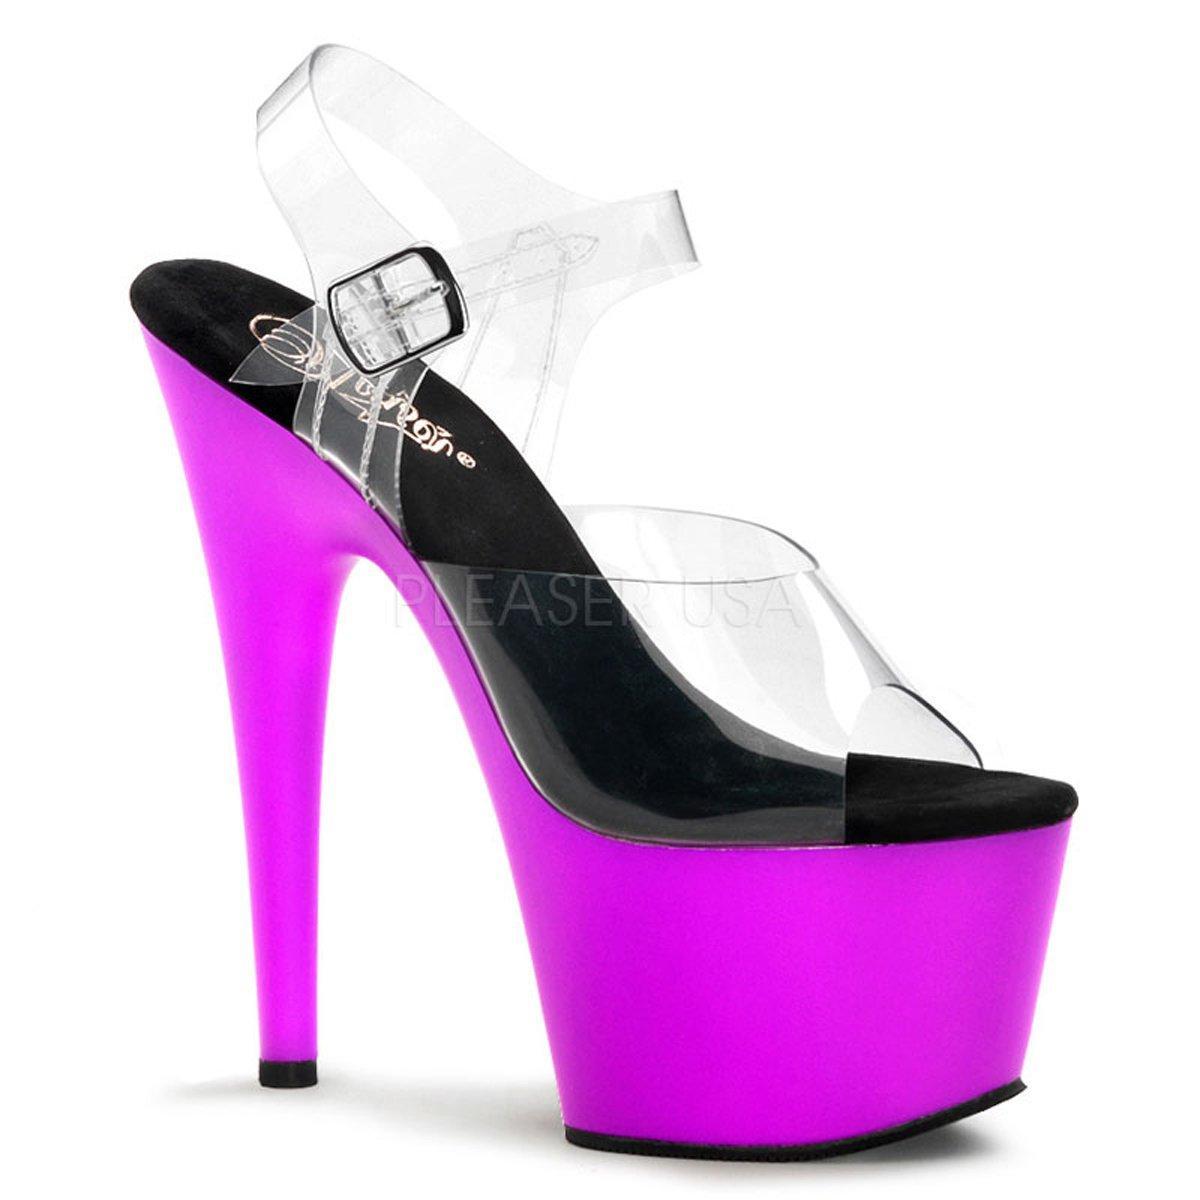 8fe6e0079e68 ADORE-708LS Černé taneční sexy sandálky s kamínky na extrémním ...